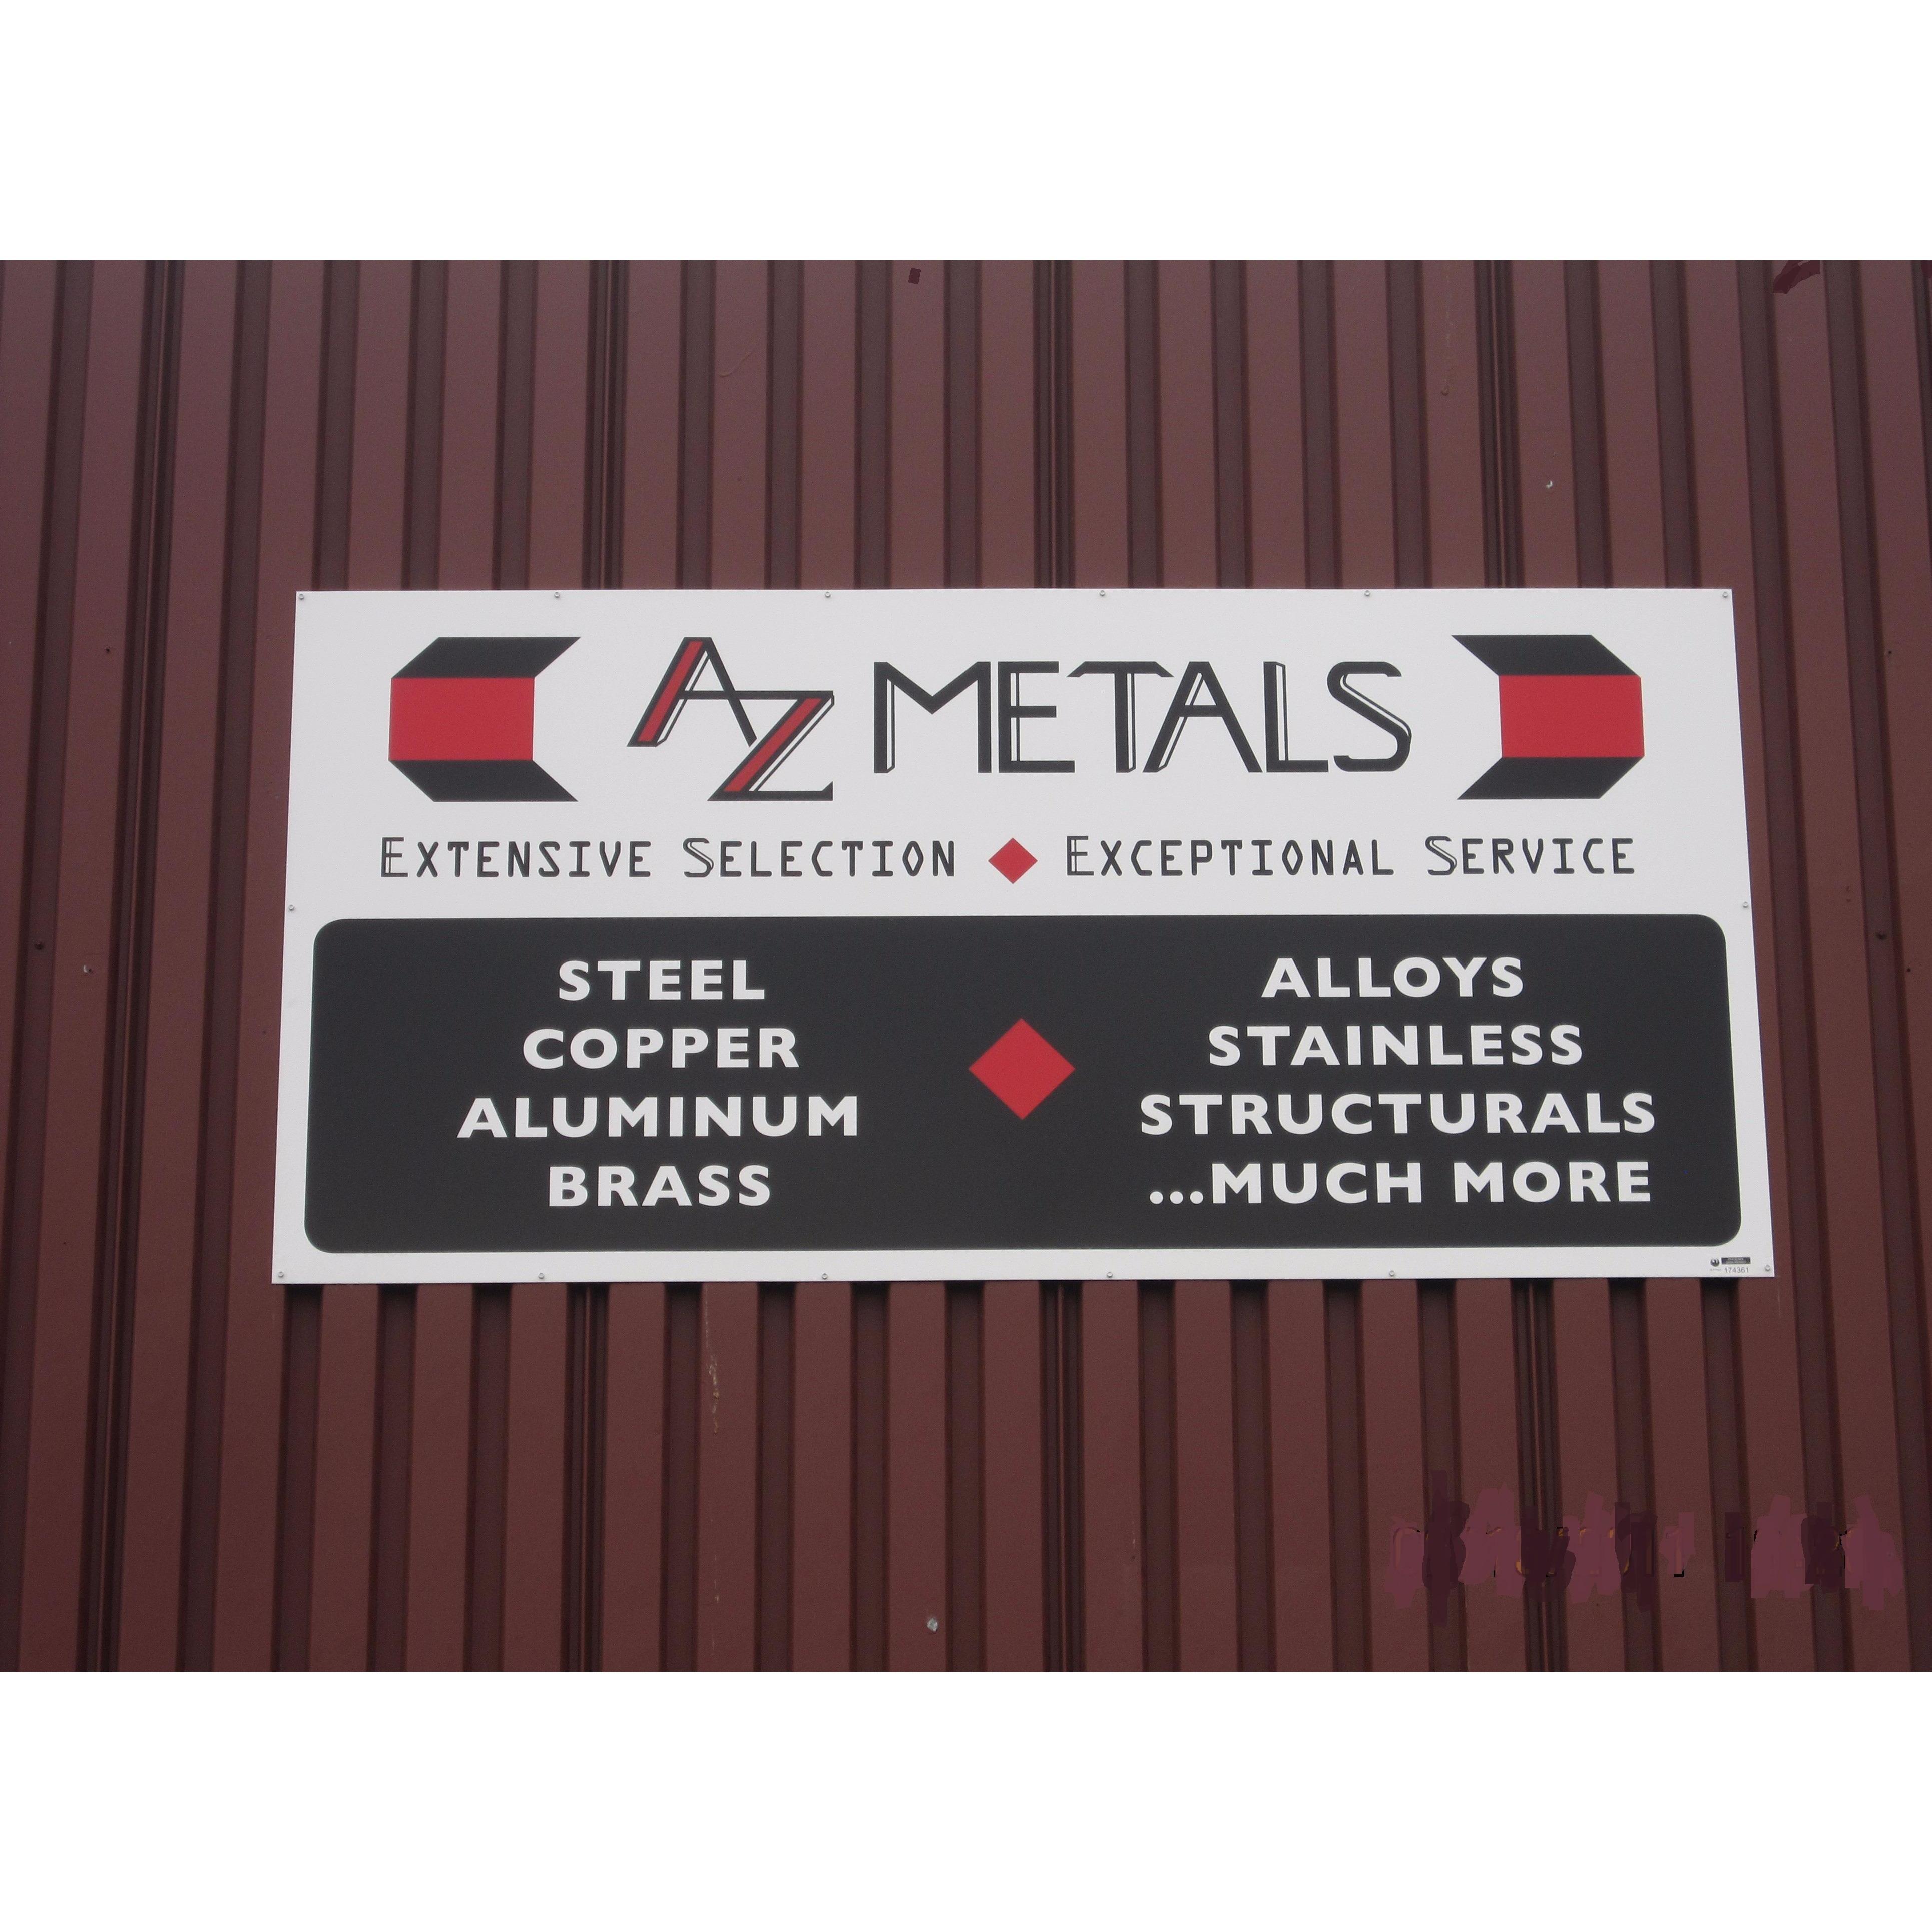 AZ Metals image 31